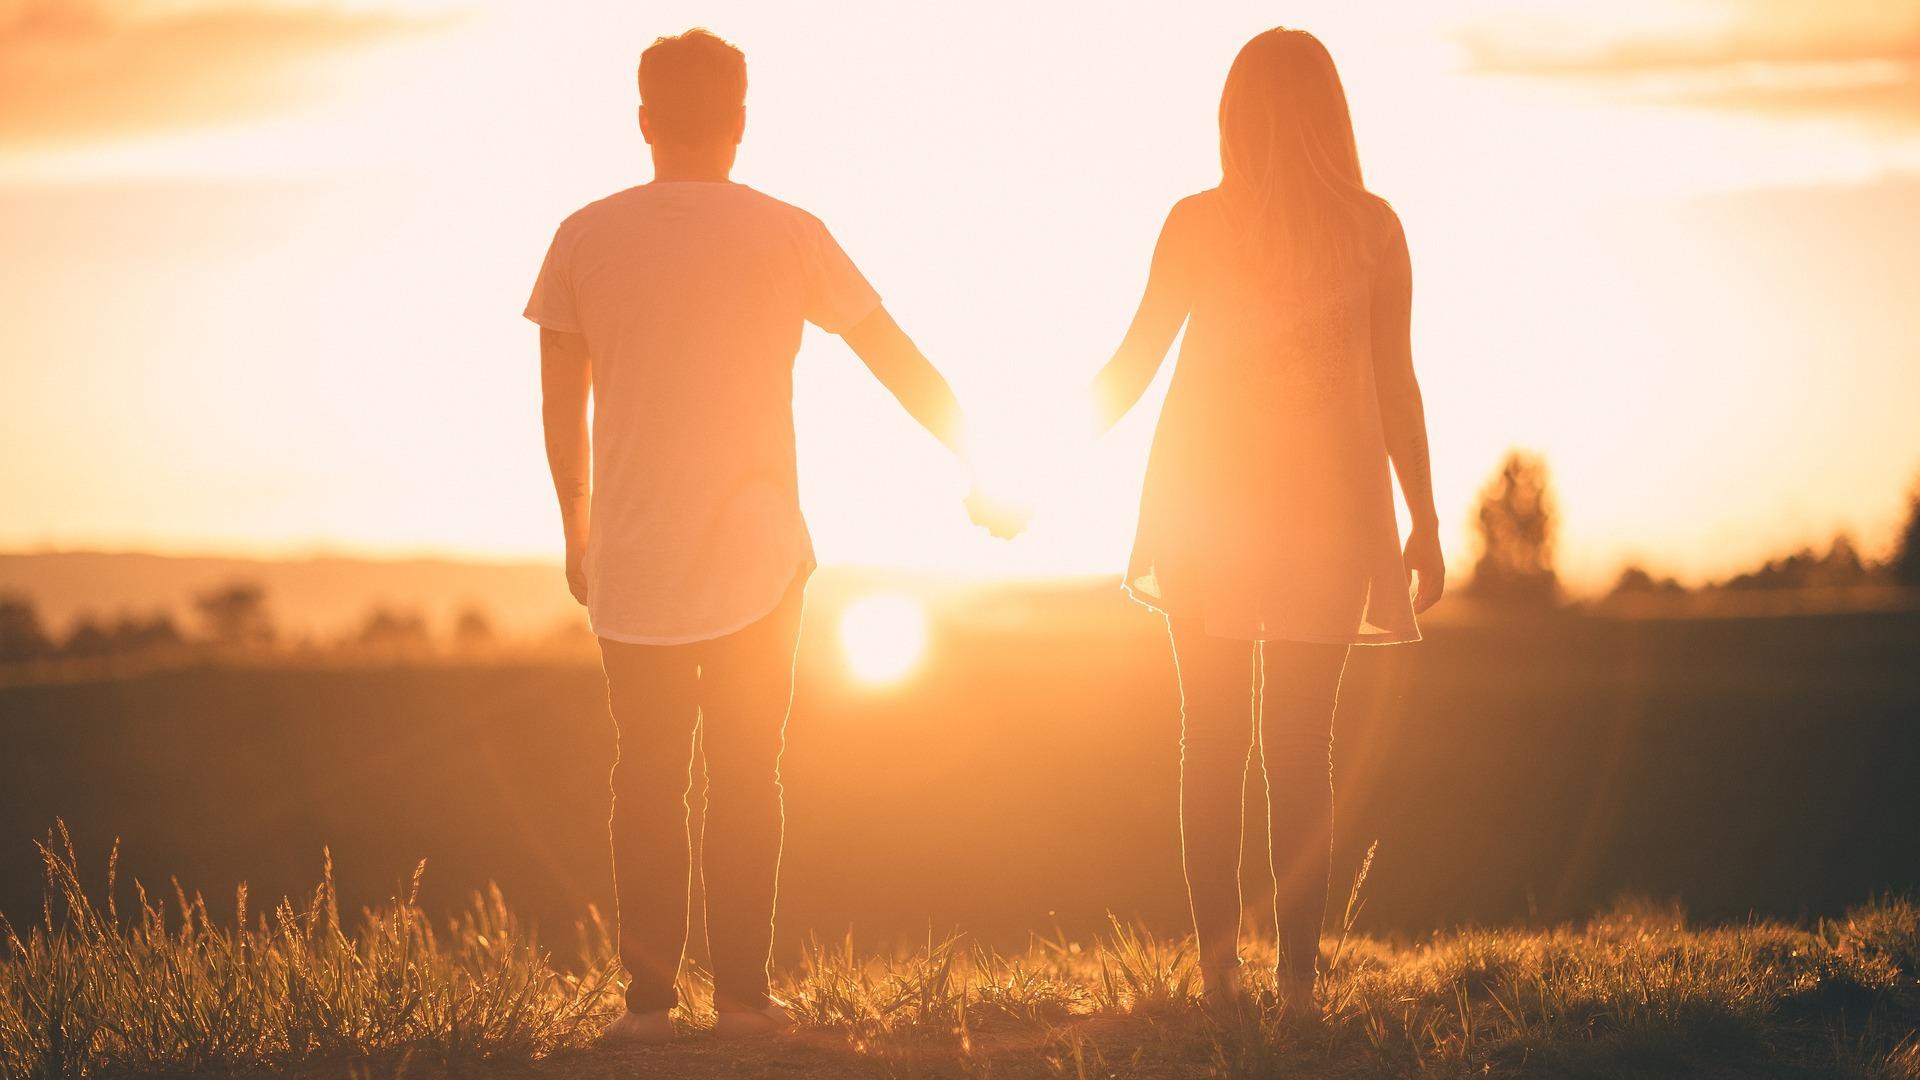 Datingsite Relatieplanet gestopt: de redenen en alternatieven